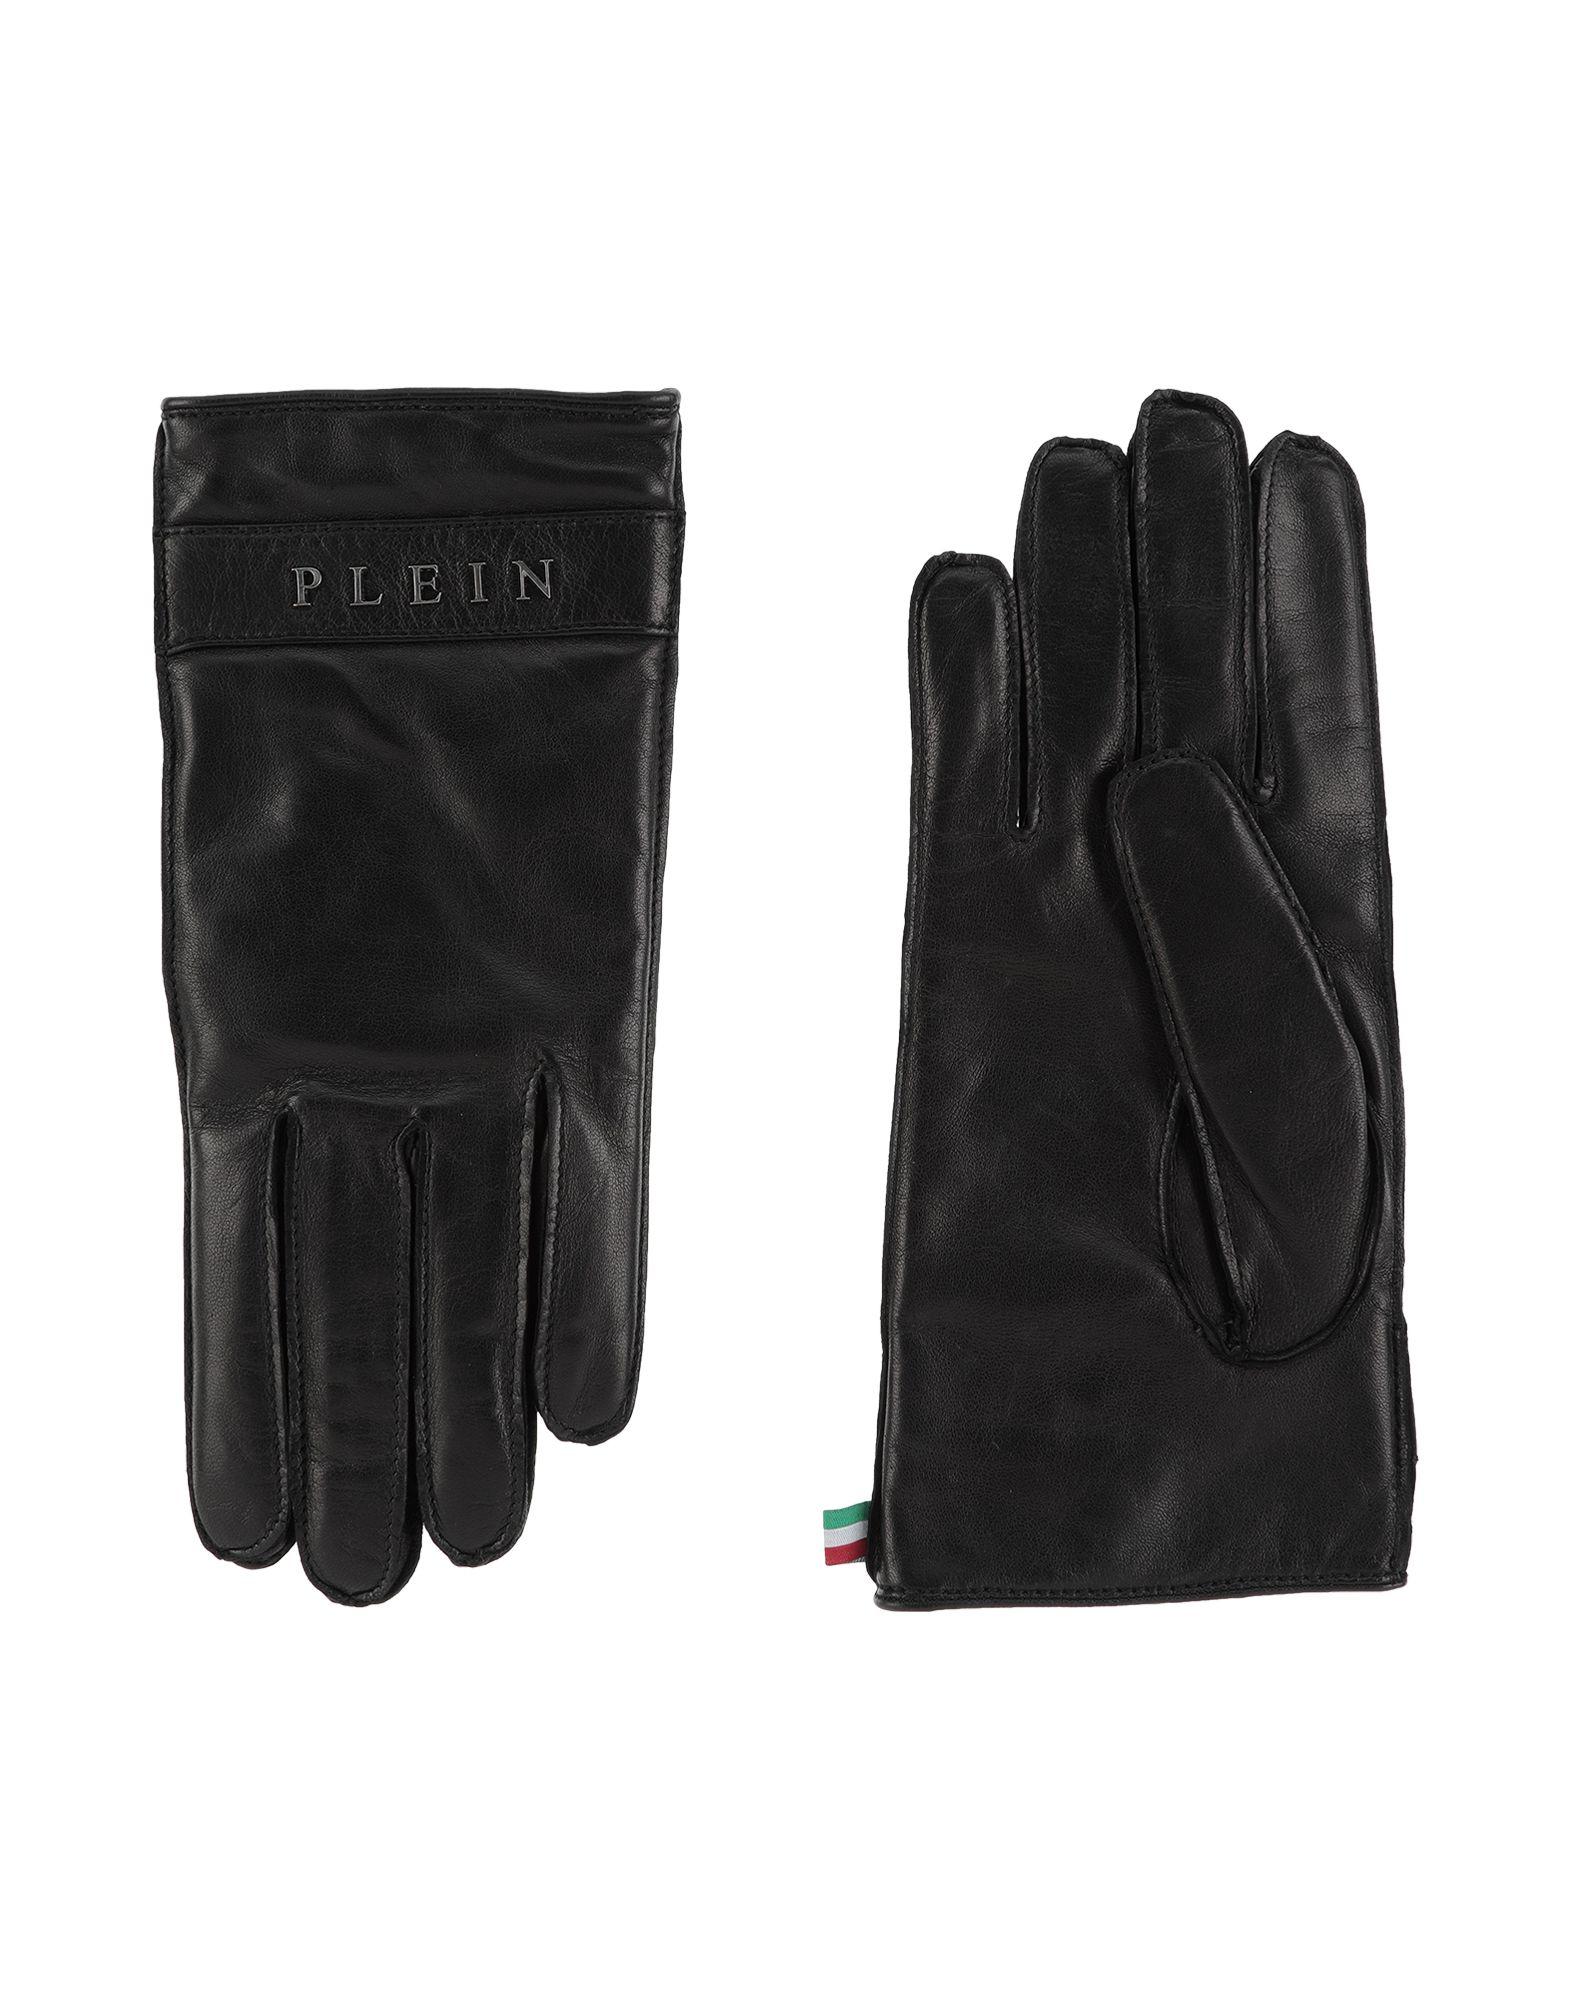 《送料無料》PHILIPP PLEIN メンズ 手袋 ブラック 8 革